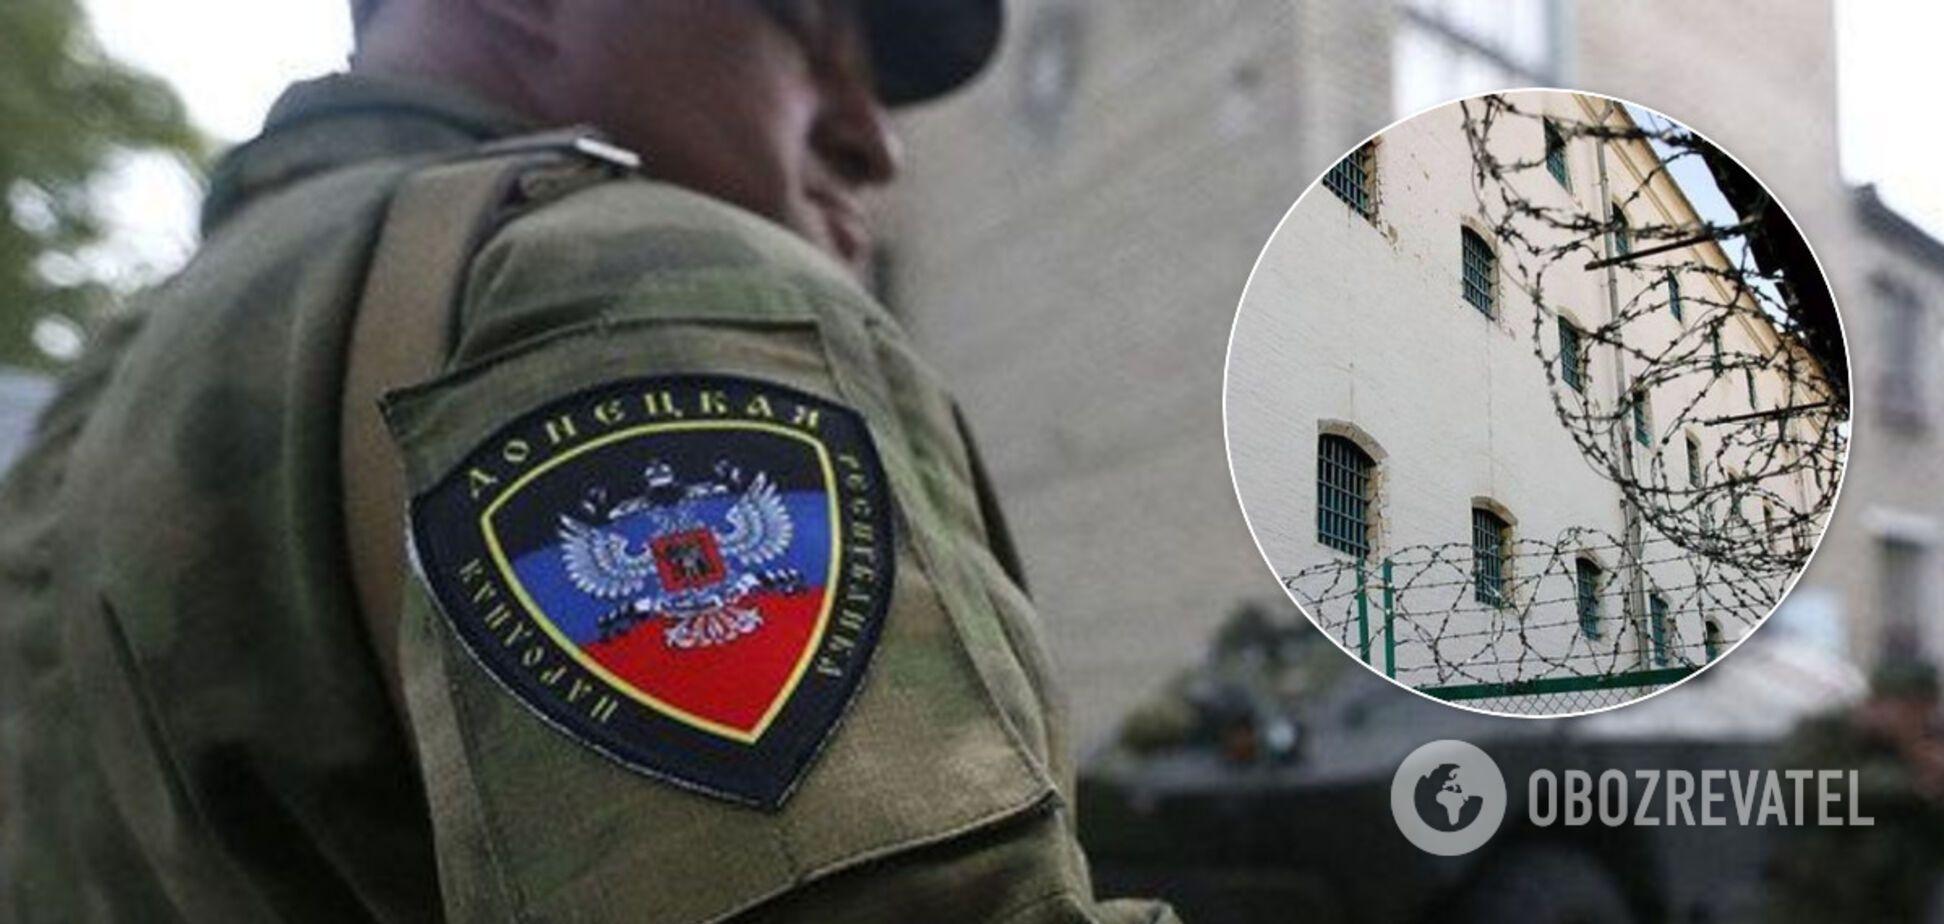 Учасник обміну, виданий 'ДНР', знову потрапив у СІЗО України